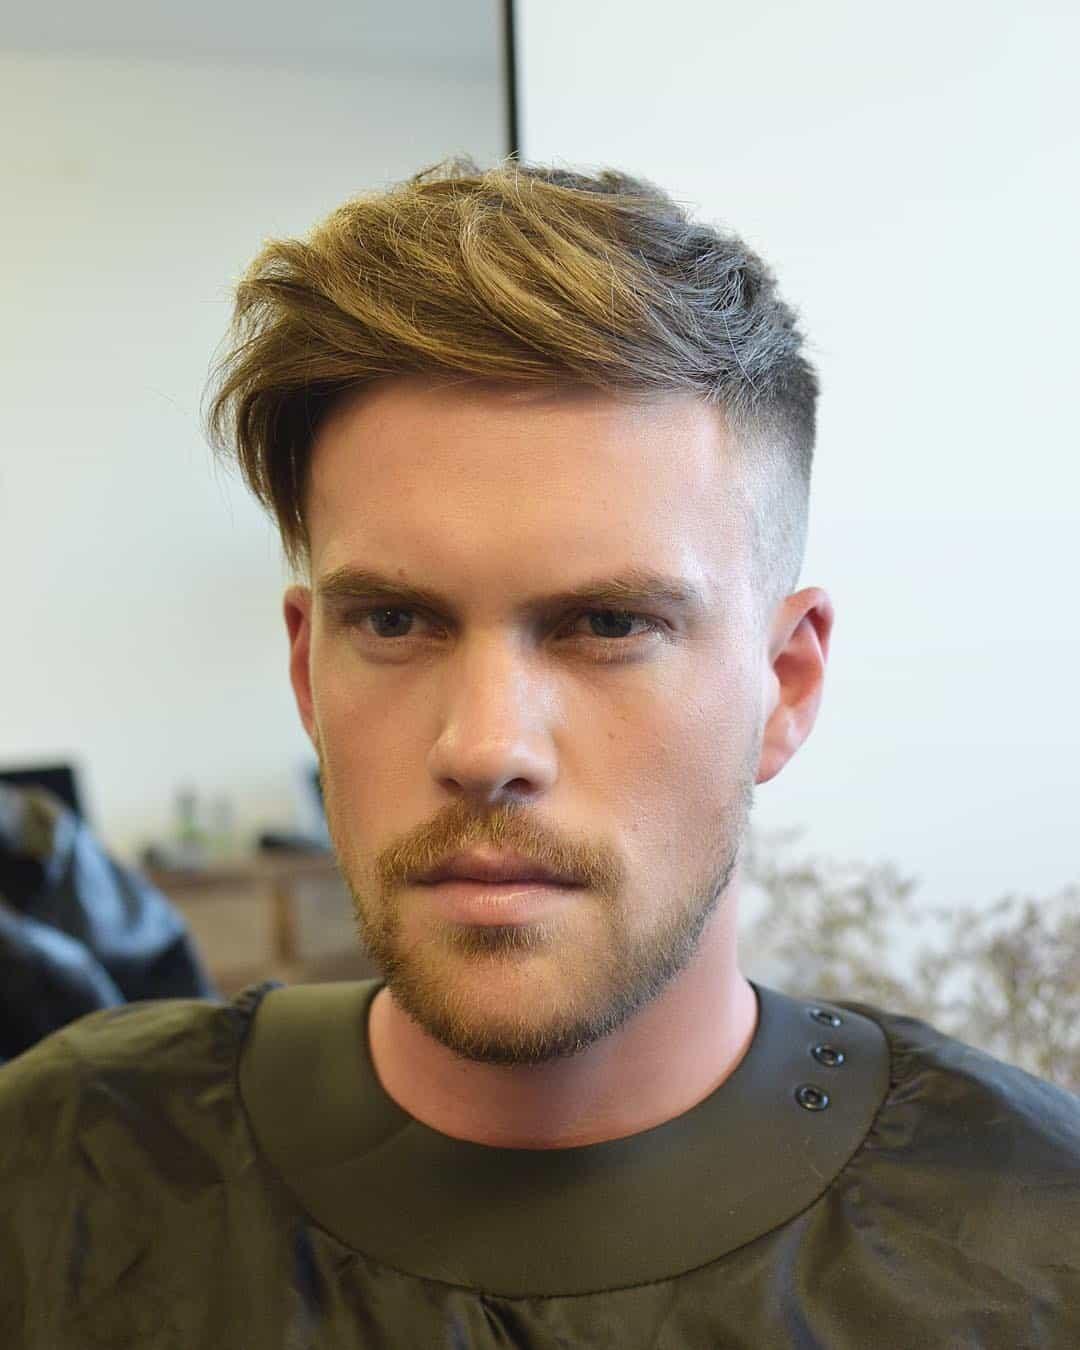 80 Best Undercut Hairstyles for Men - 2018 Styling Ideas